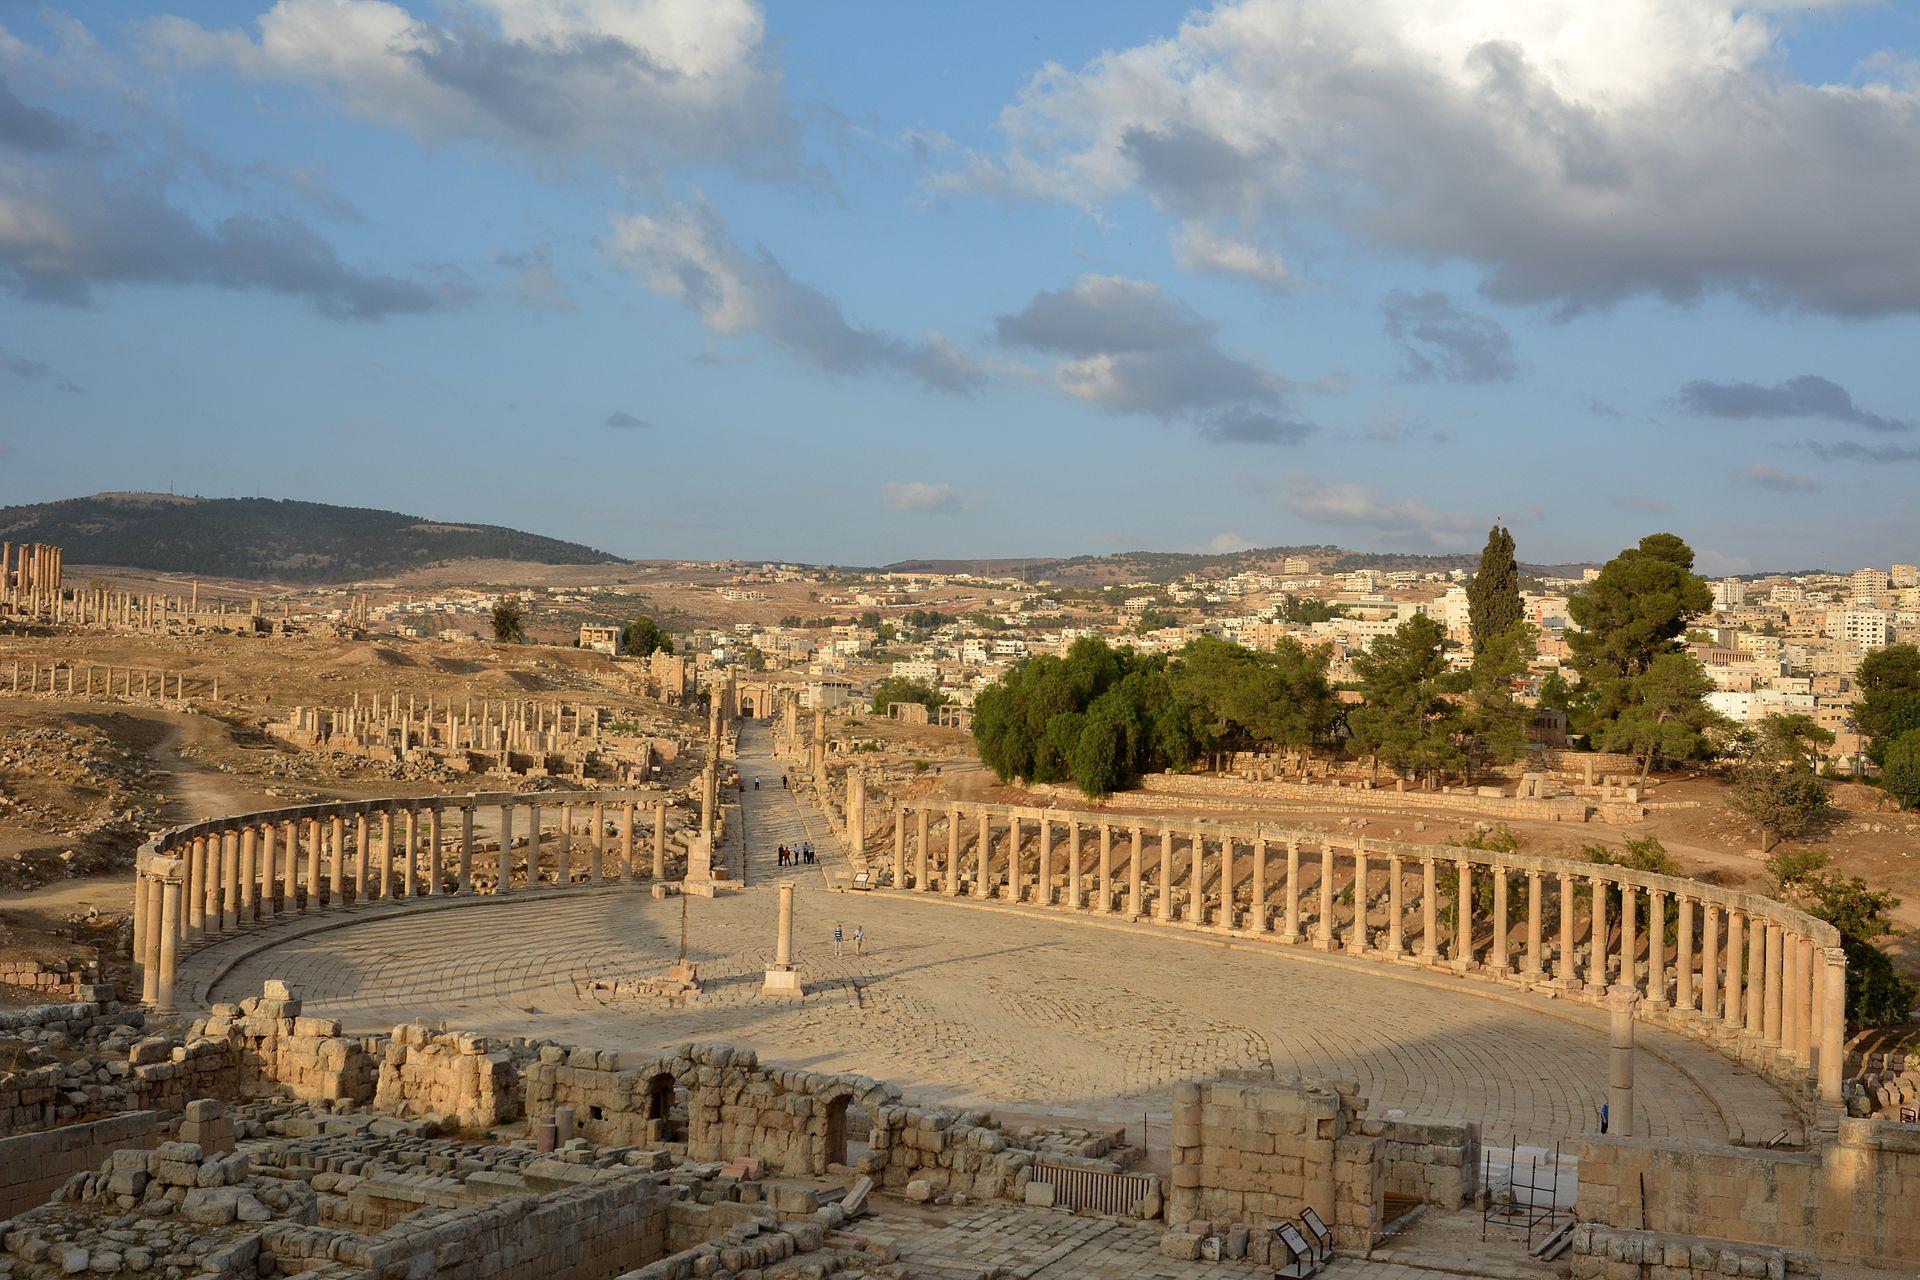 Gerasa, das heutige Jerash in Jordanien. Blick vom Zeus-Tempel über das Forum den cardo maximus entlang in Richtung Norden (Foto: Azurfrog, via Wikimedia Commons, CC BY-SA 3.0).